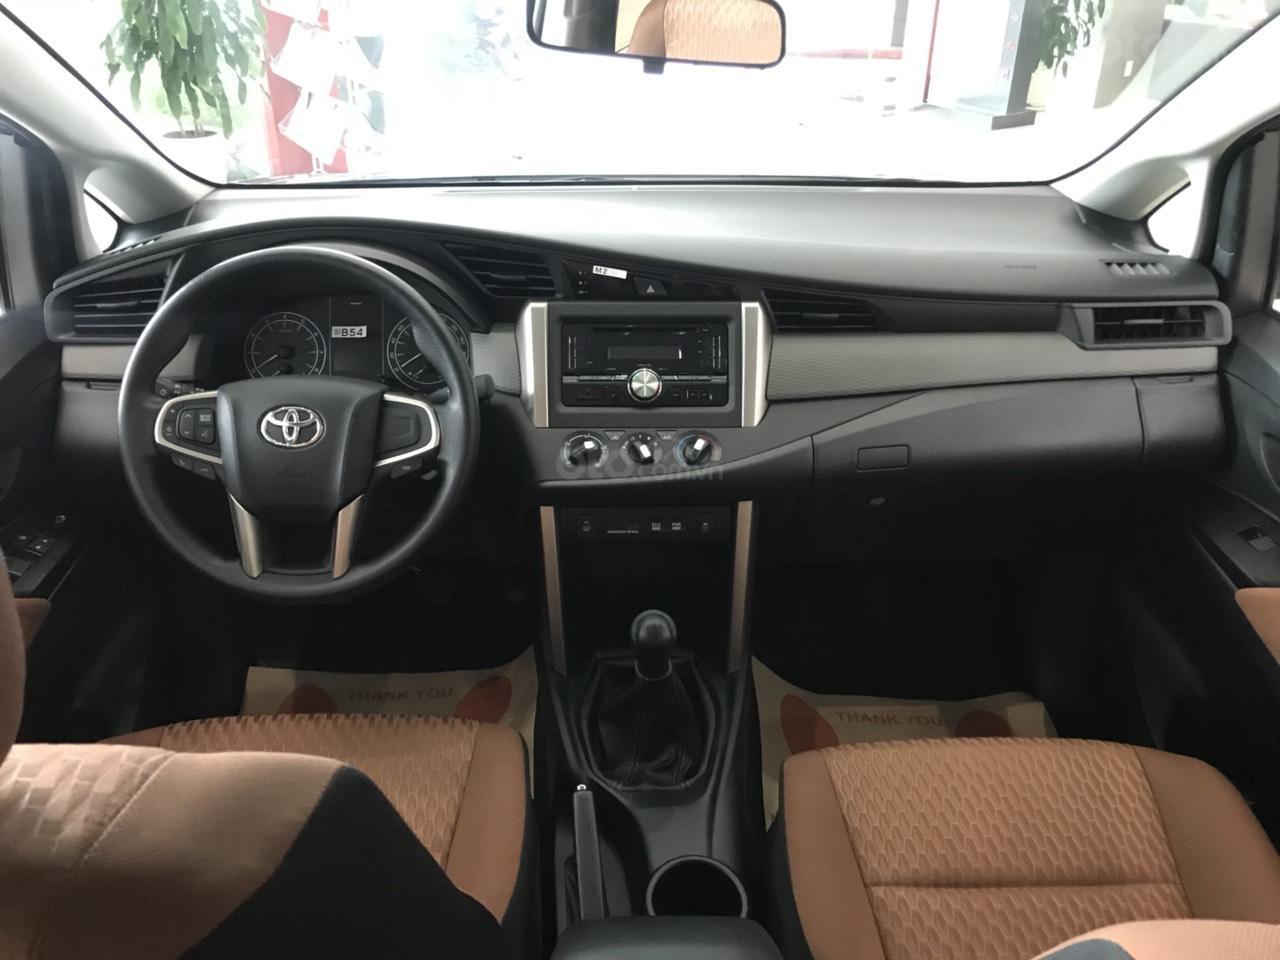 Toyota Hùng Vương bán xe Toyota Innova 2.0E 2019 - Tháng 5 khuyến mãi cực khủng giảm ngay 30triệu - LH: 0938998196-1